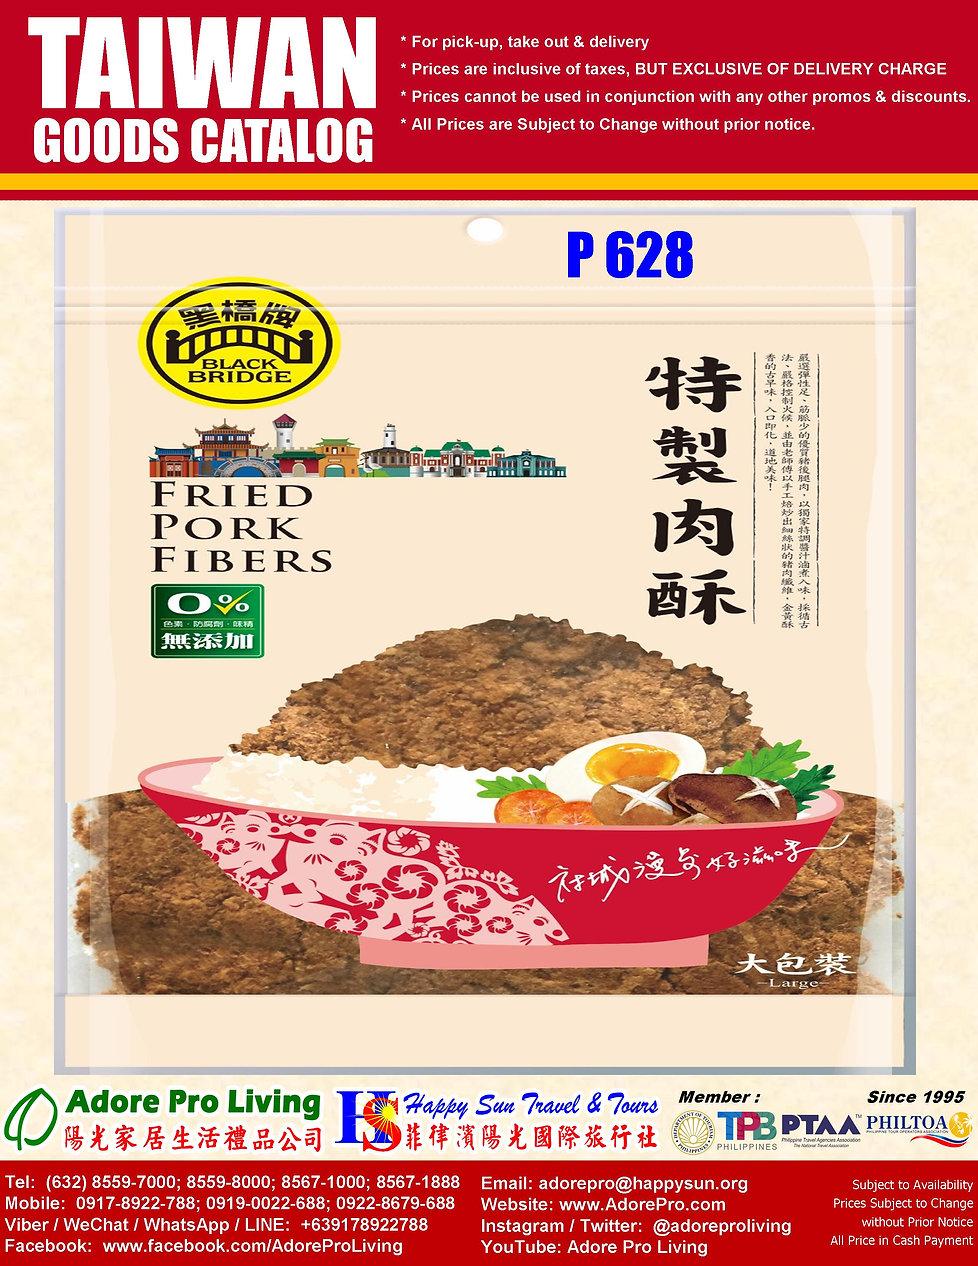 P30_Taiwan Food Catalog_5th Item_2020102